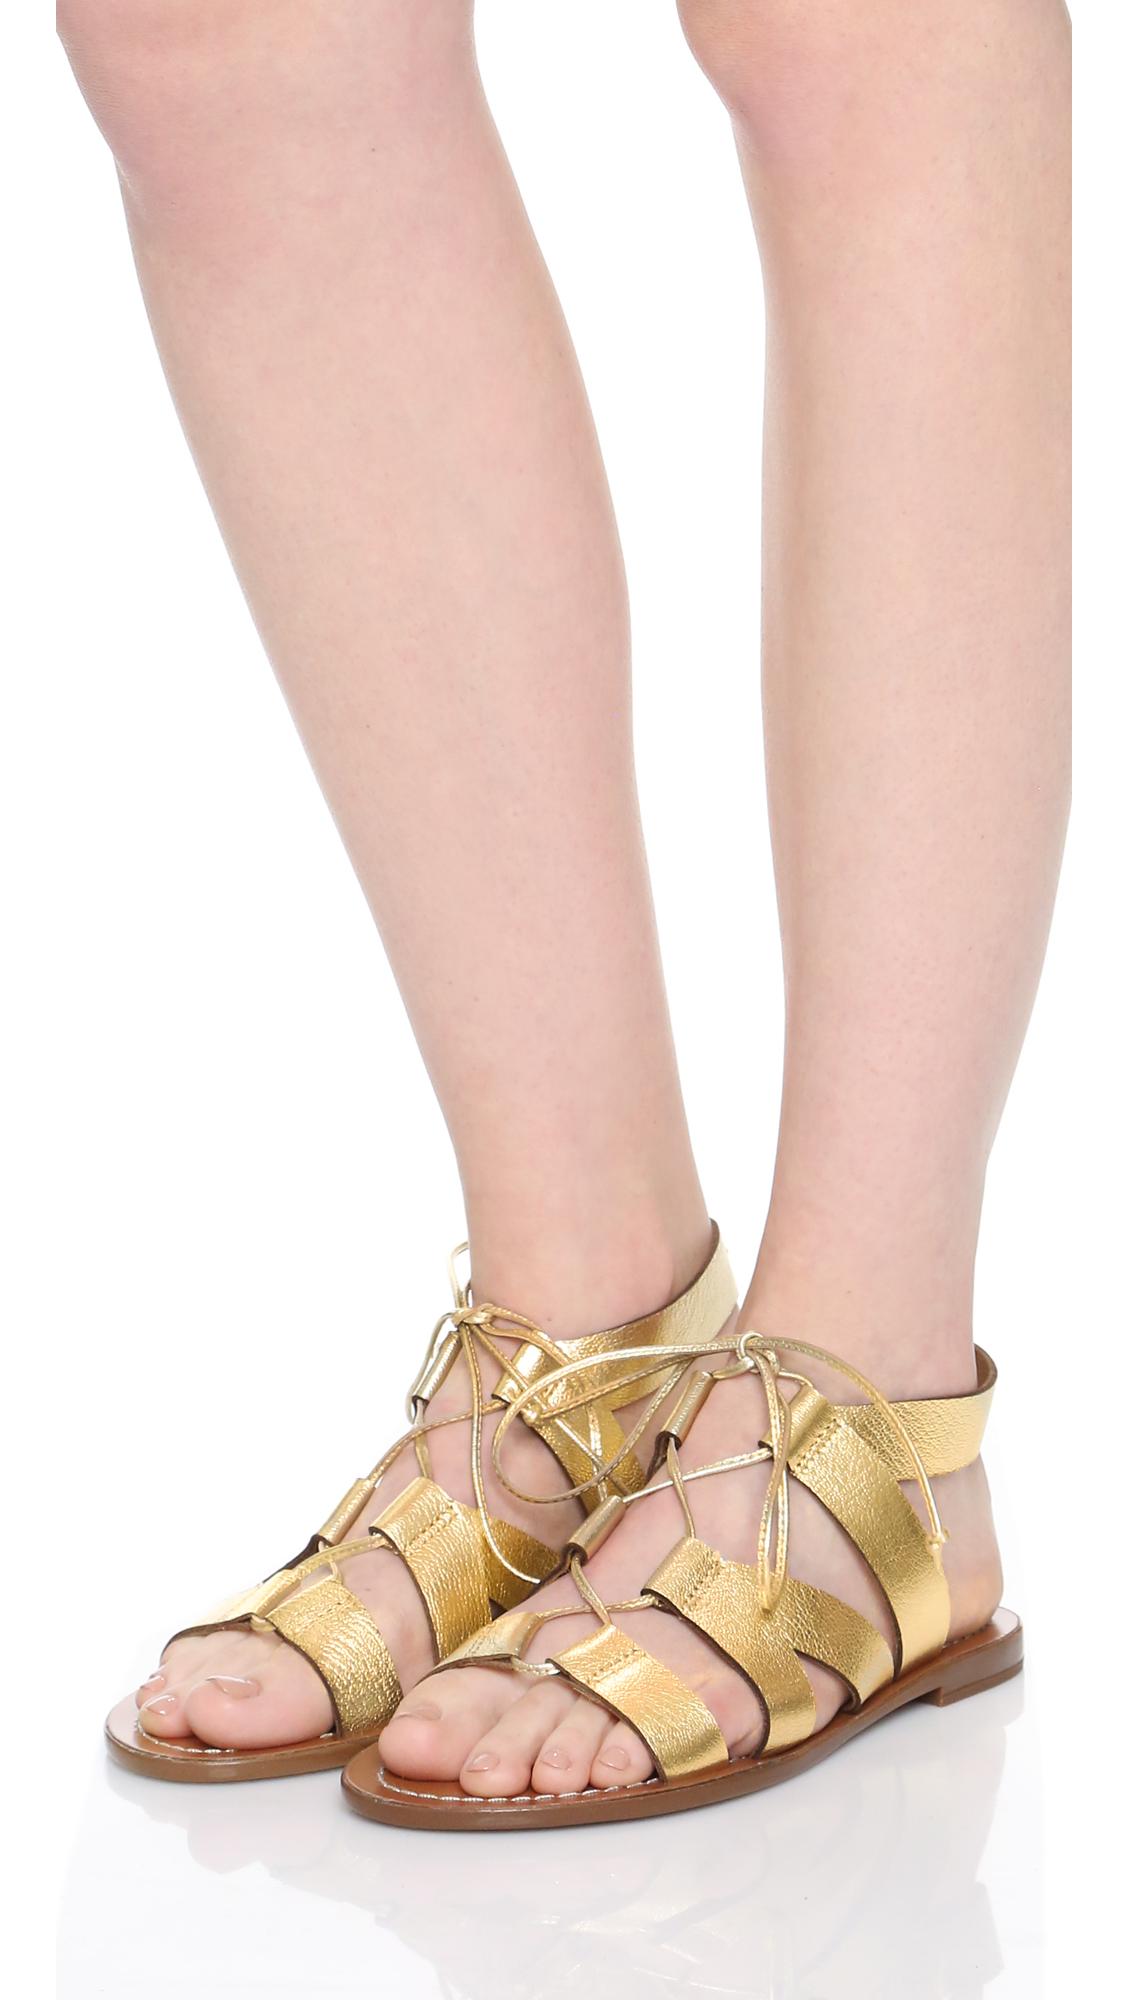 SandalsShopbop York Suno New Kate Gladiator Spade l1cTFKJ